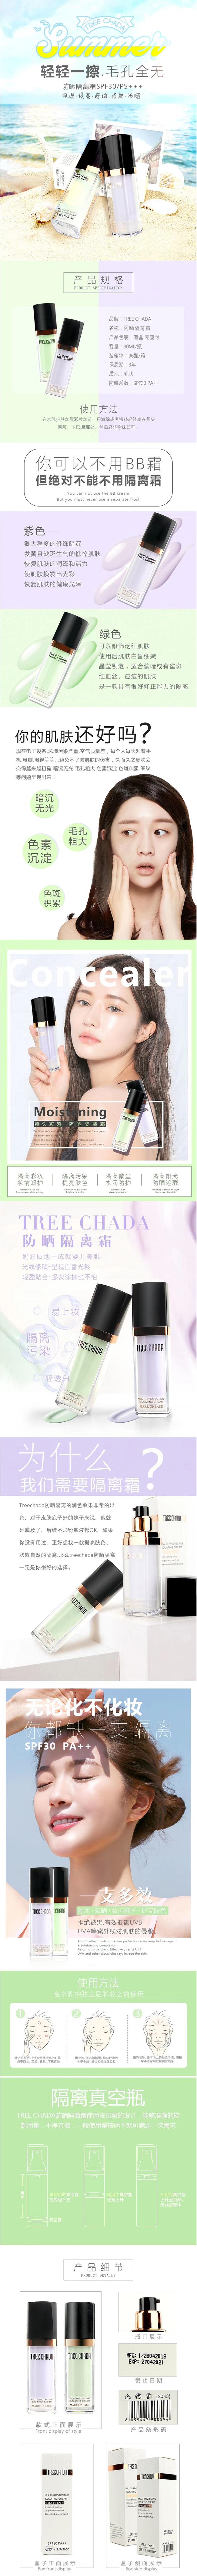 泰国TREECHADA防晒隔离霜绿色&紫色30ml-1.jpg